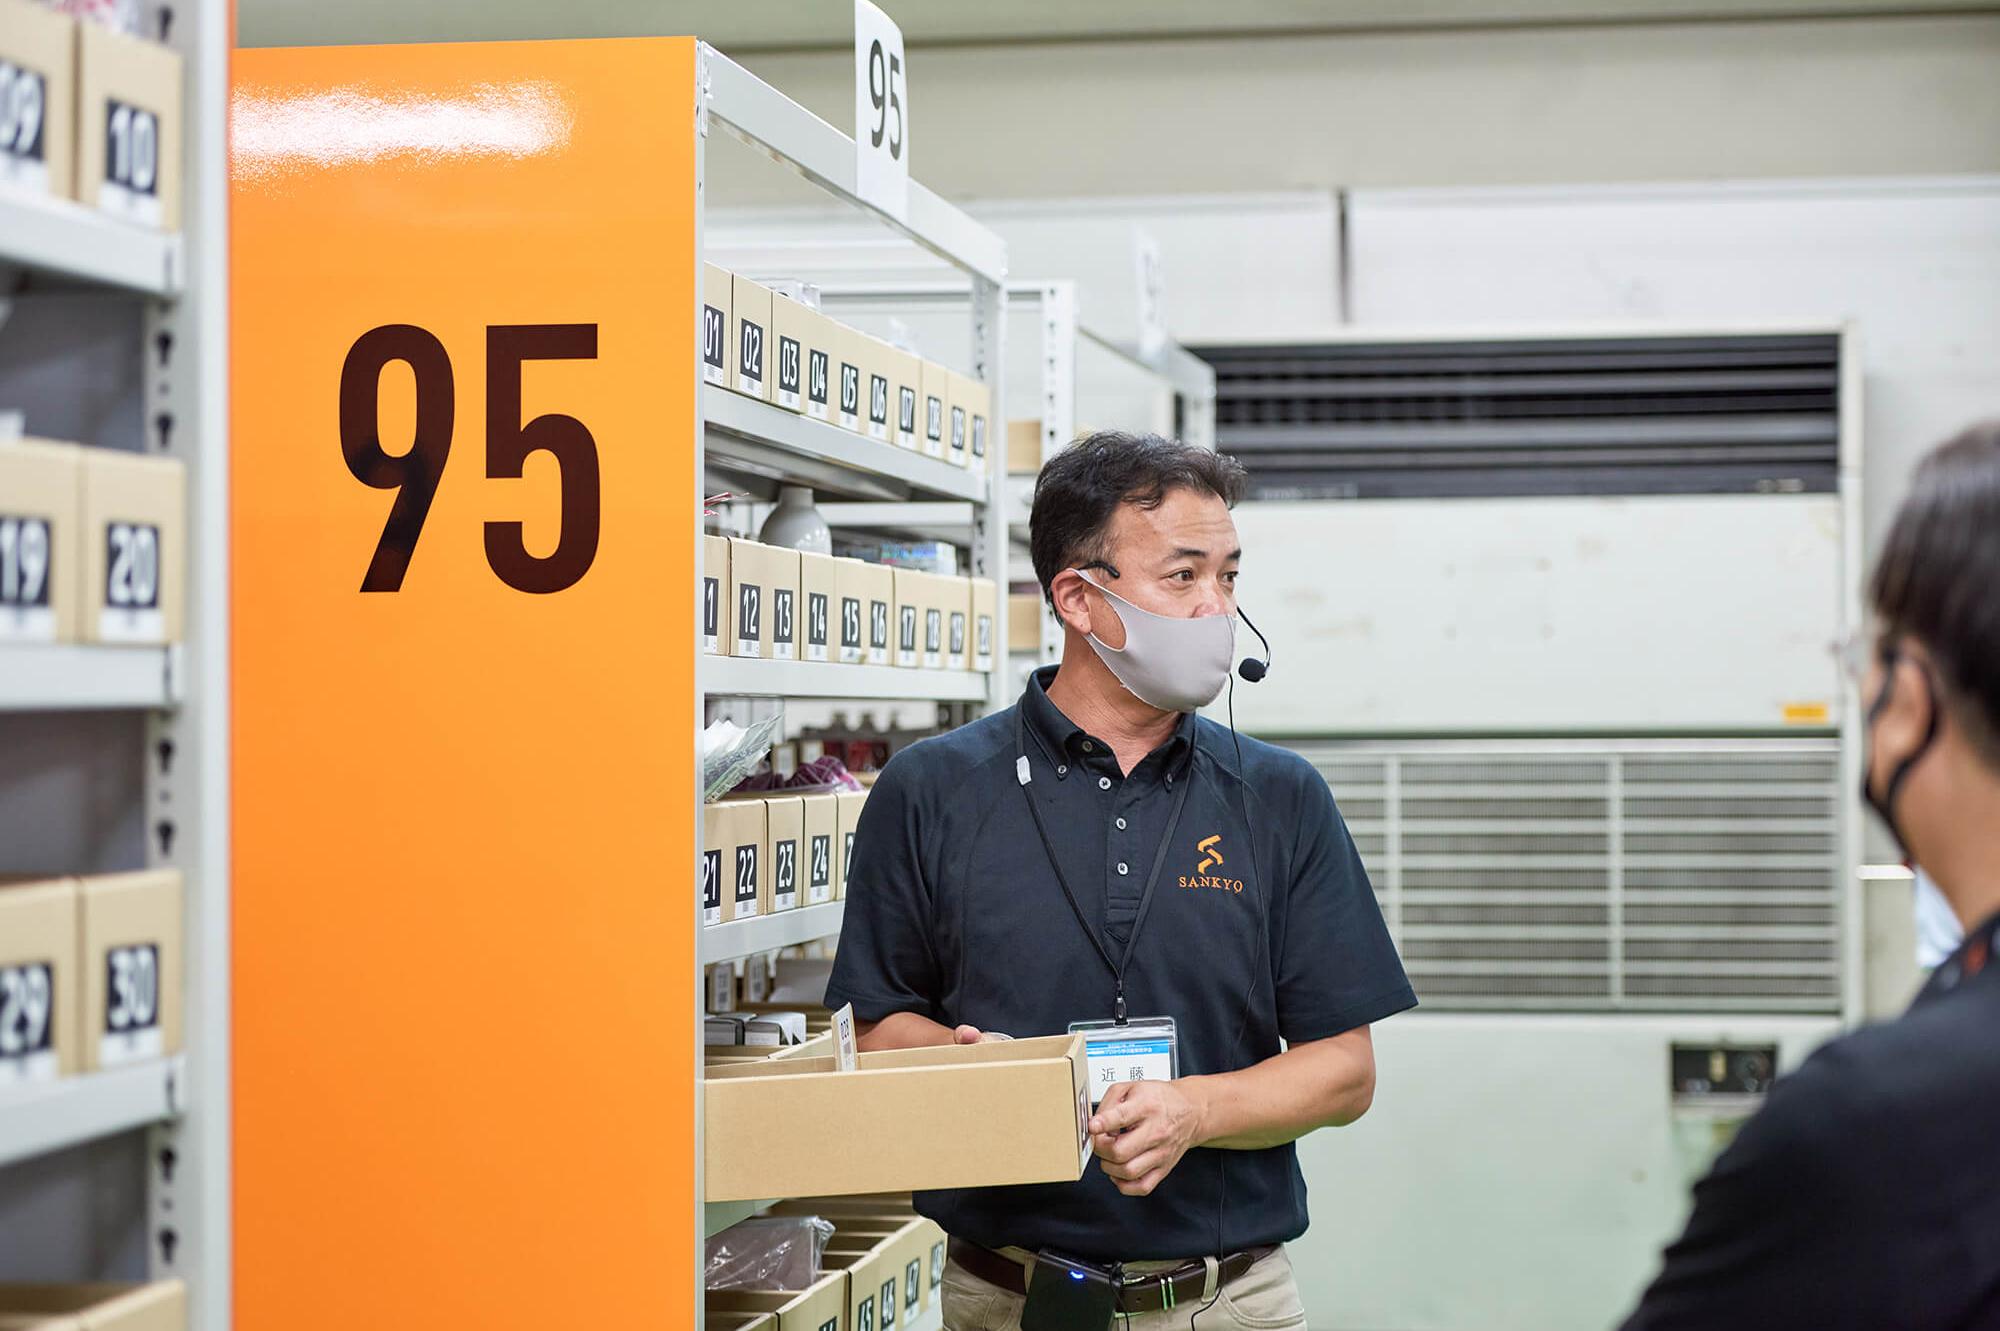 倉庫内にて、お客様に対しラック内の管理番号を指さして説明をするスタッフの様子